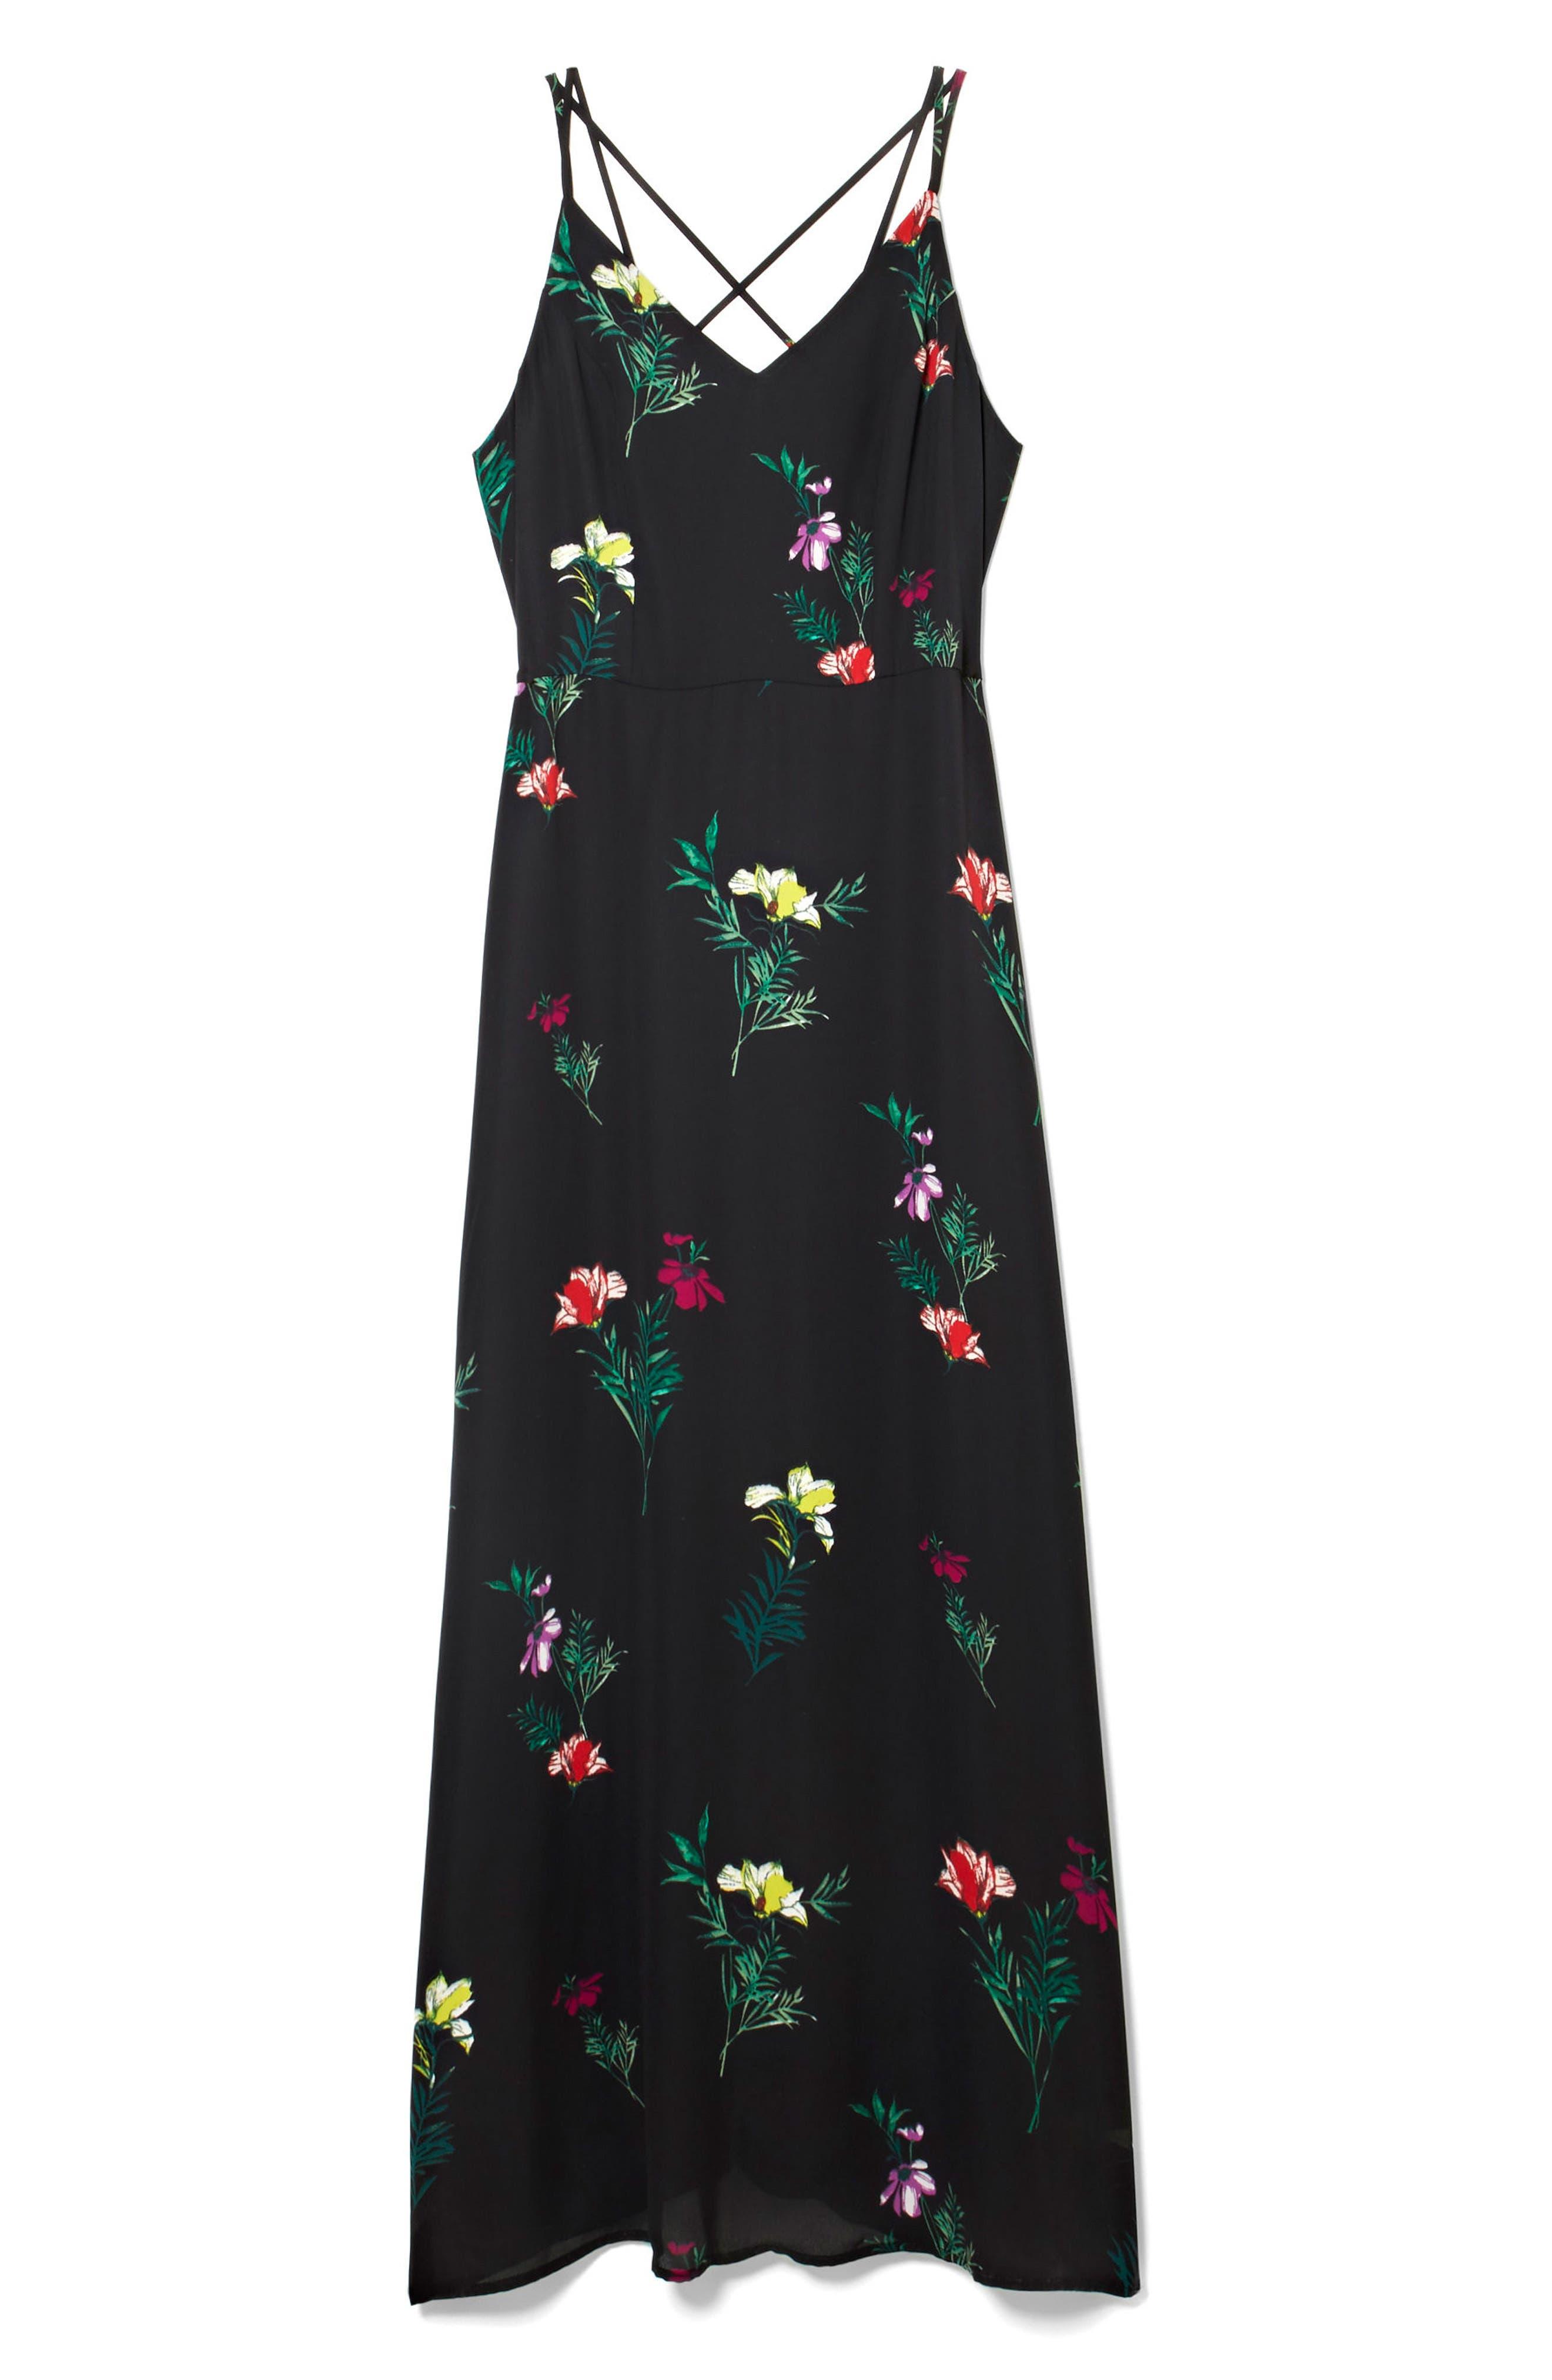 Tropical Garden Maxi Dress,                             Alternate thumbnail 3, color,                             001